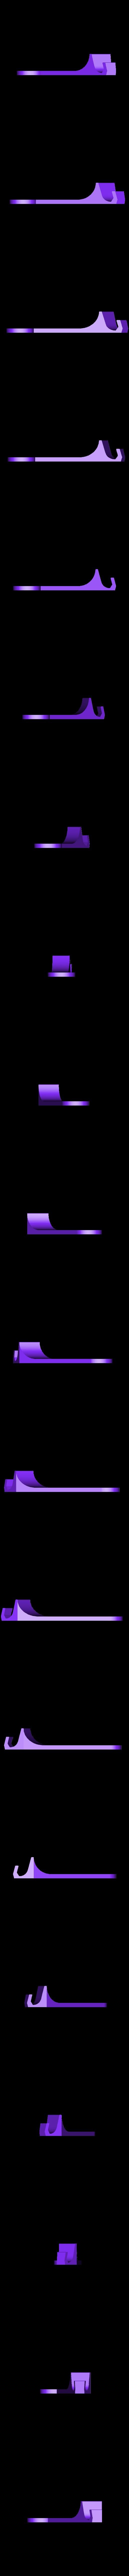 lower_foot.stl Télécharger fichier STL gratuit Stand imprimé iPad 3d • Plan pour imprimante 3D, theveel